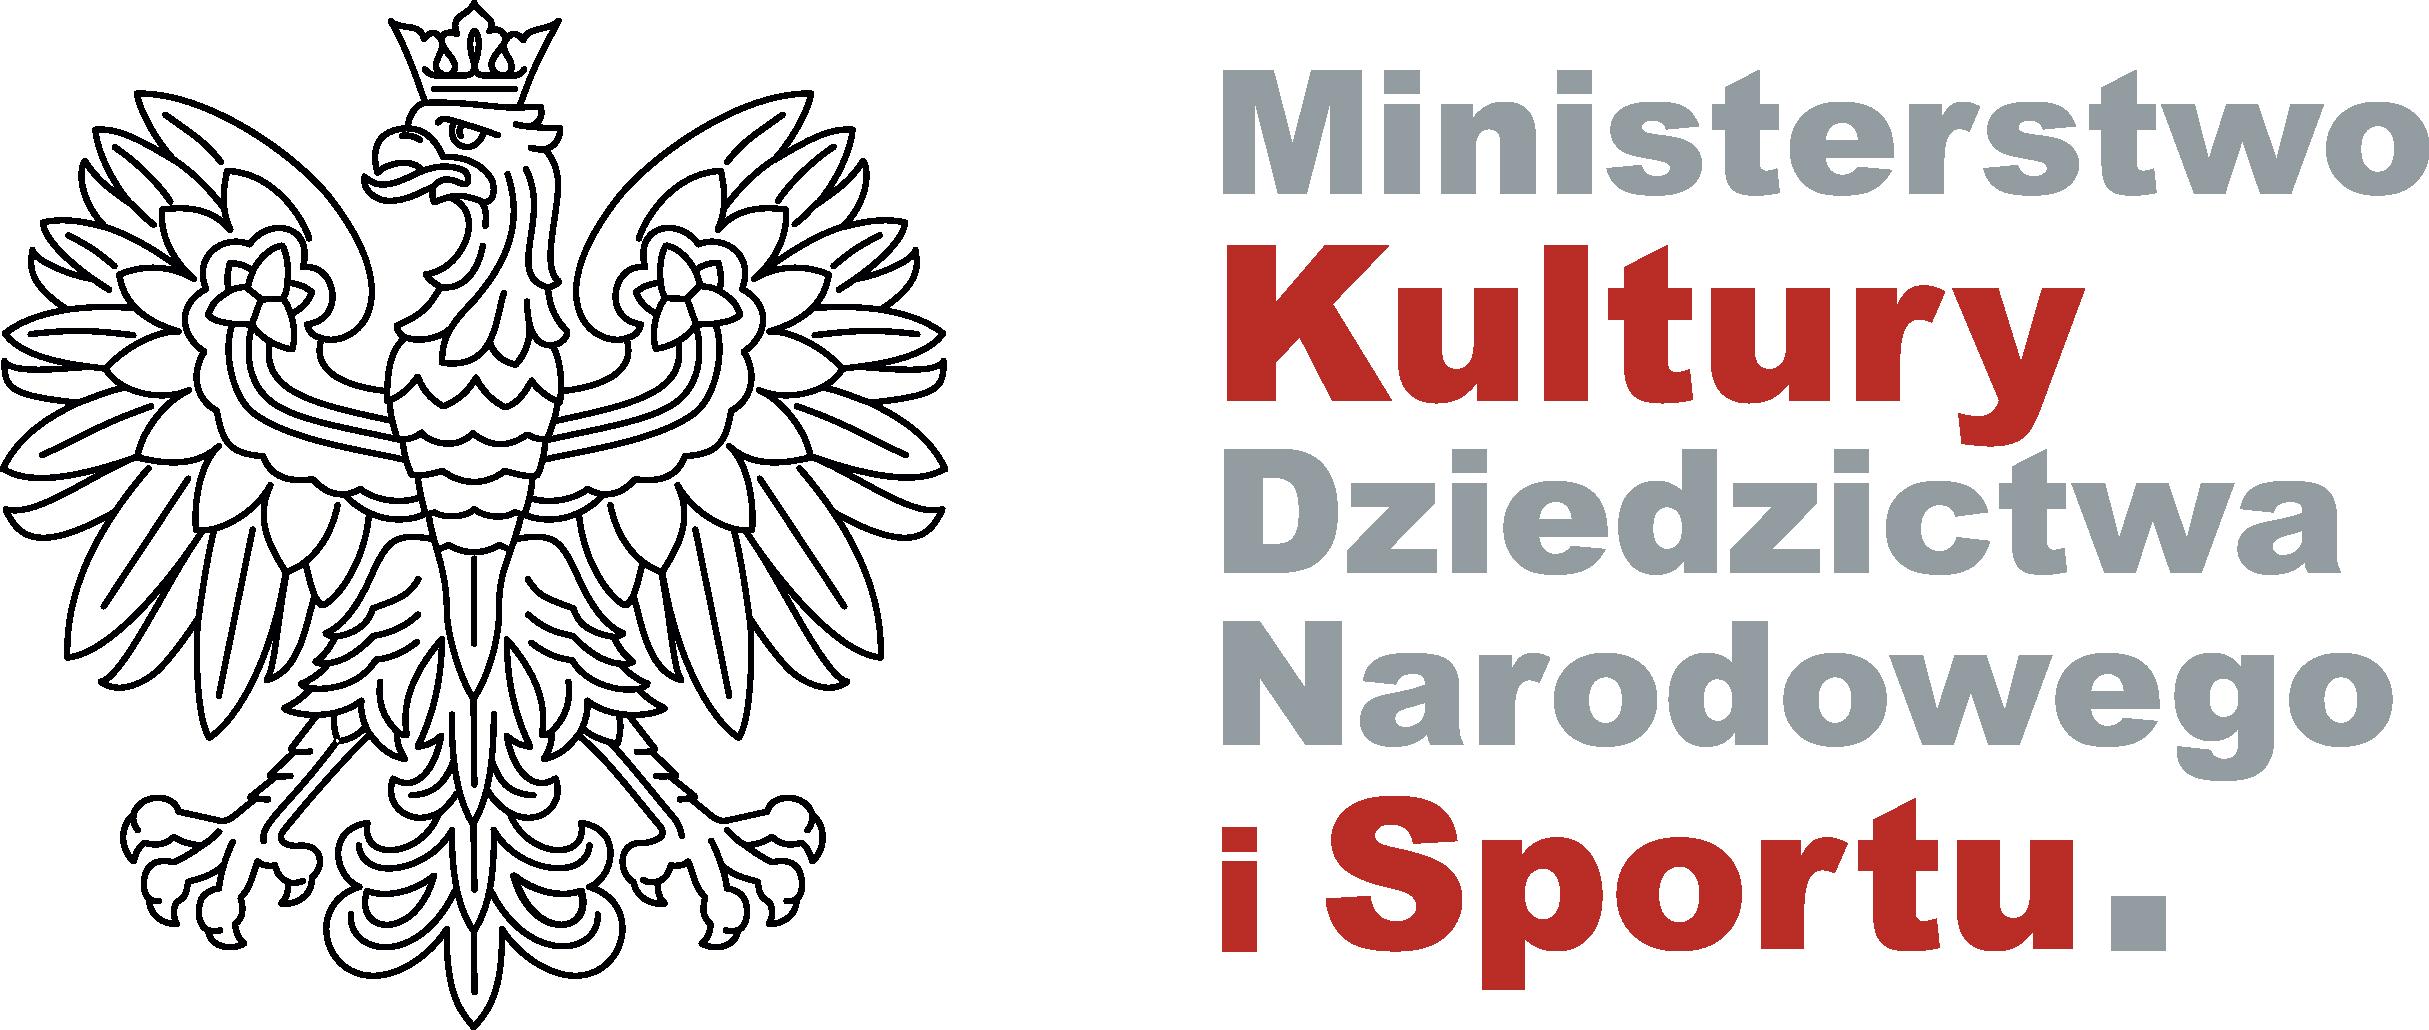 NOWE PROJEKTY MINISTERIALNE FILHARMONII LUBELSKIEJ